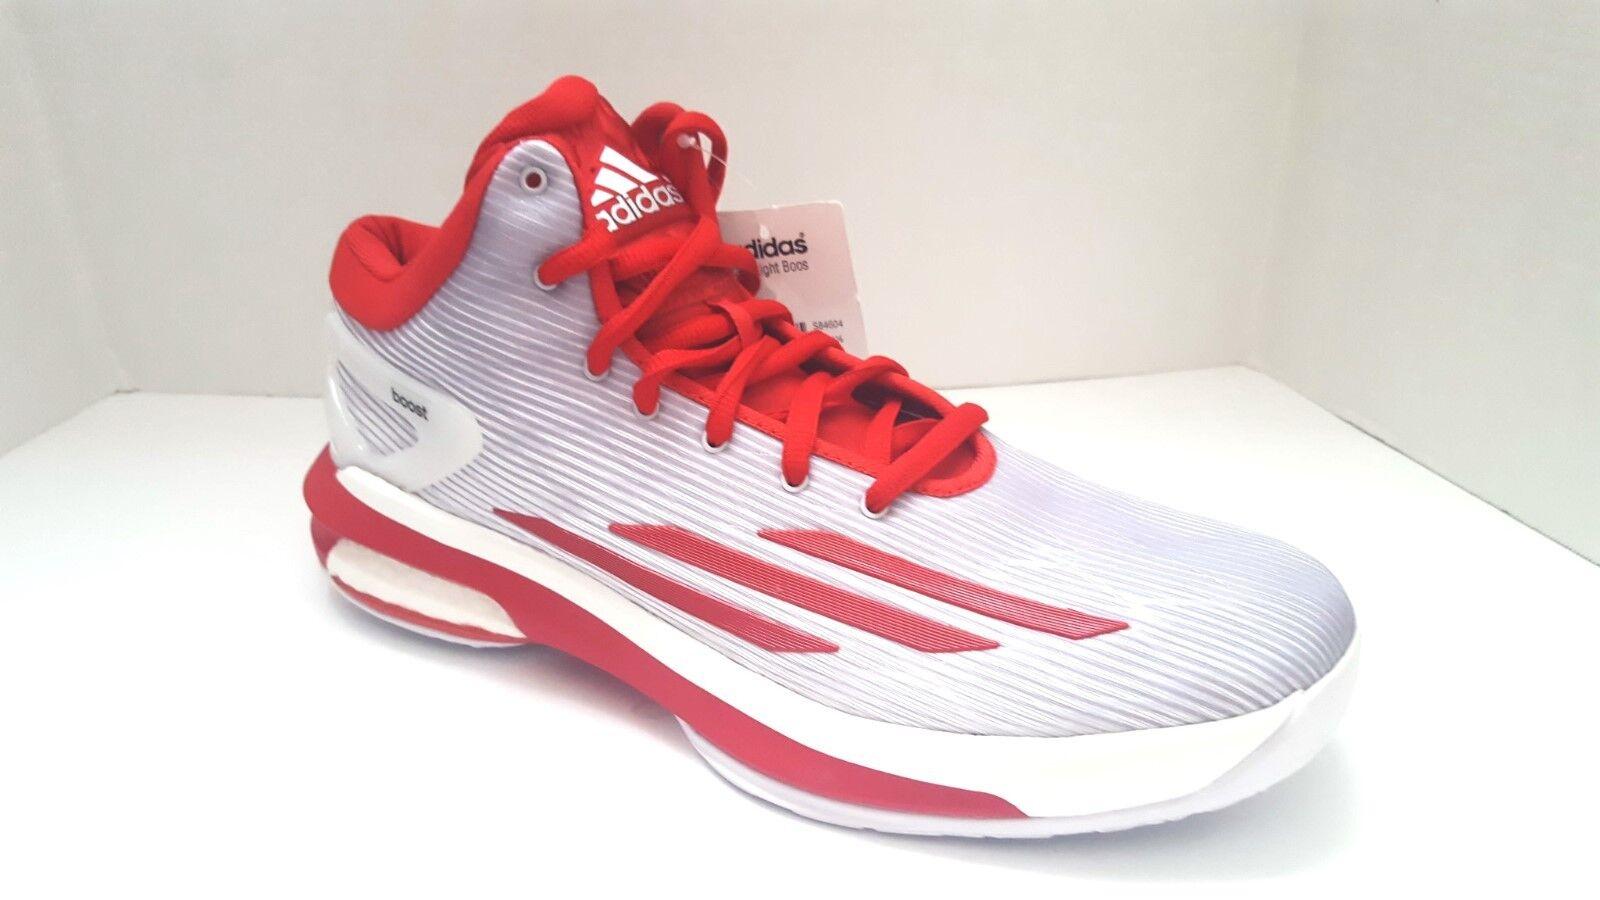 New Adidas Man's SM Crazy Light Boos Basketball shoes Sz 12US